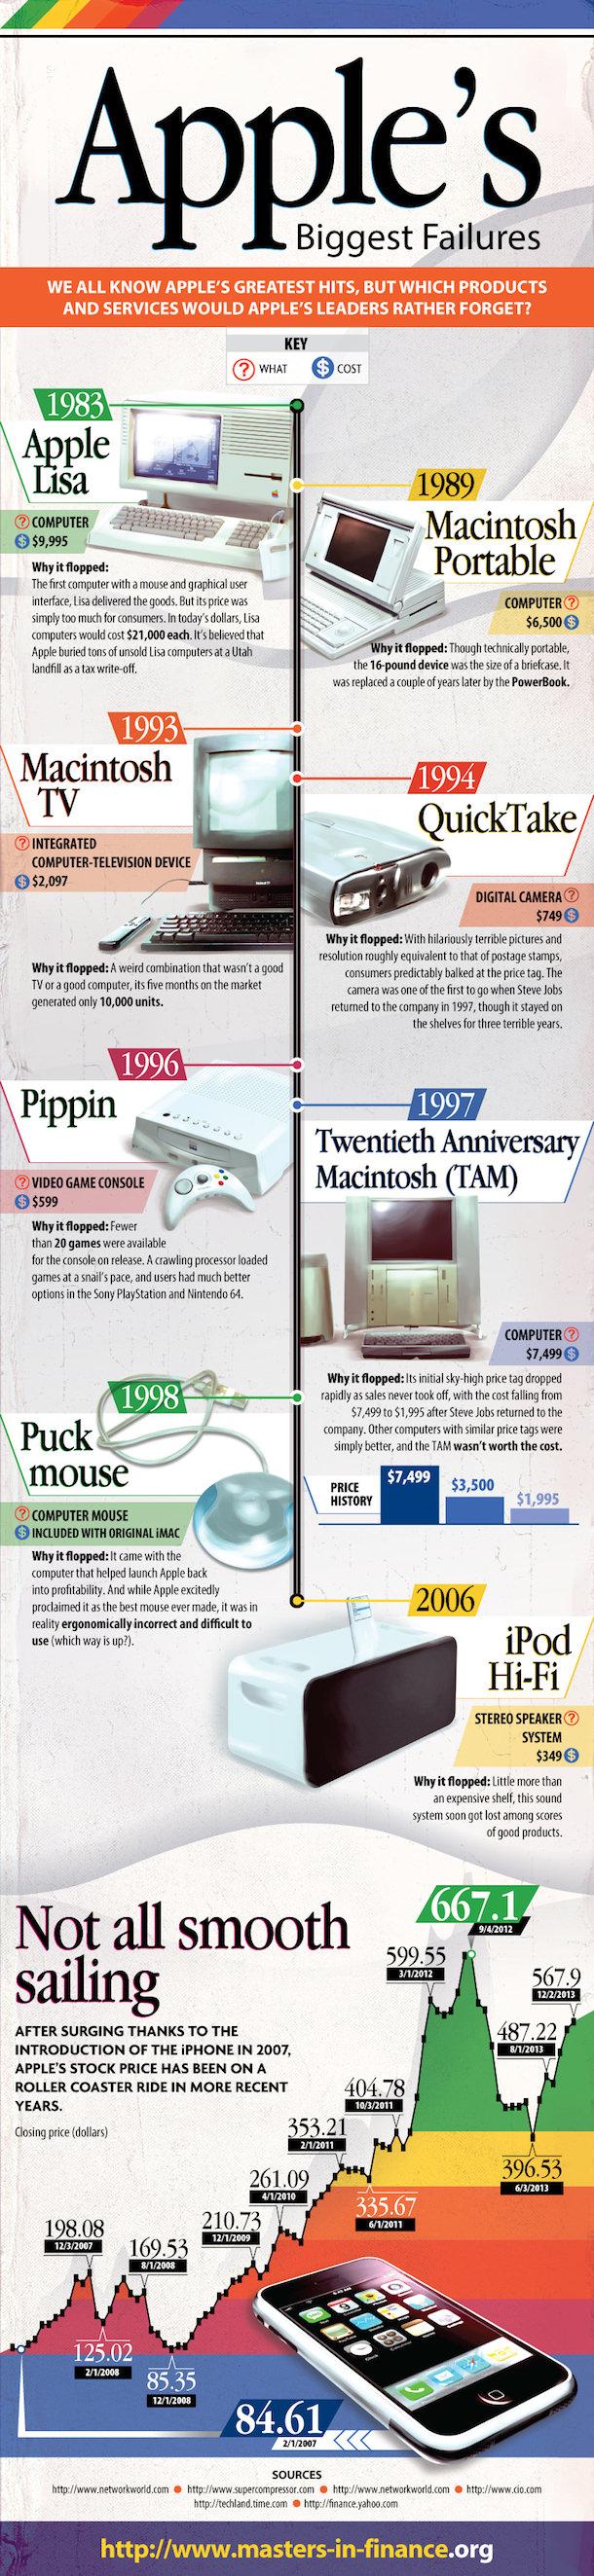 Apple Biggest Failures Infographic